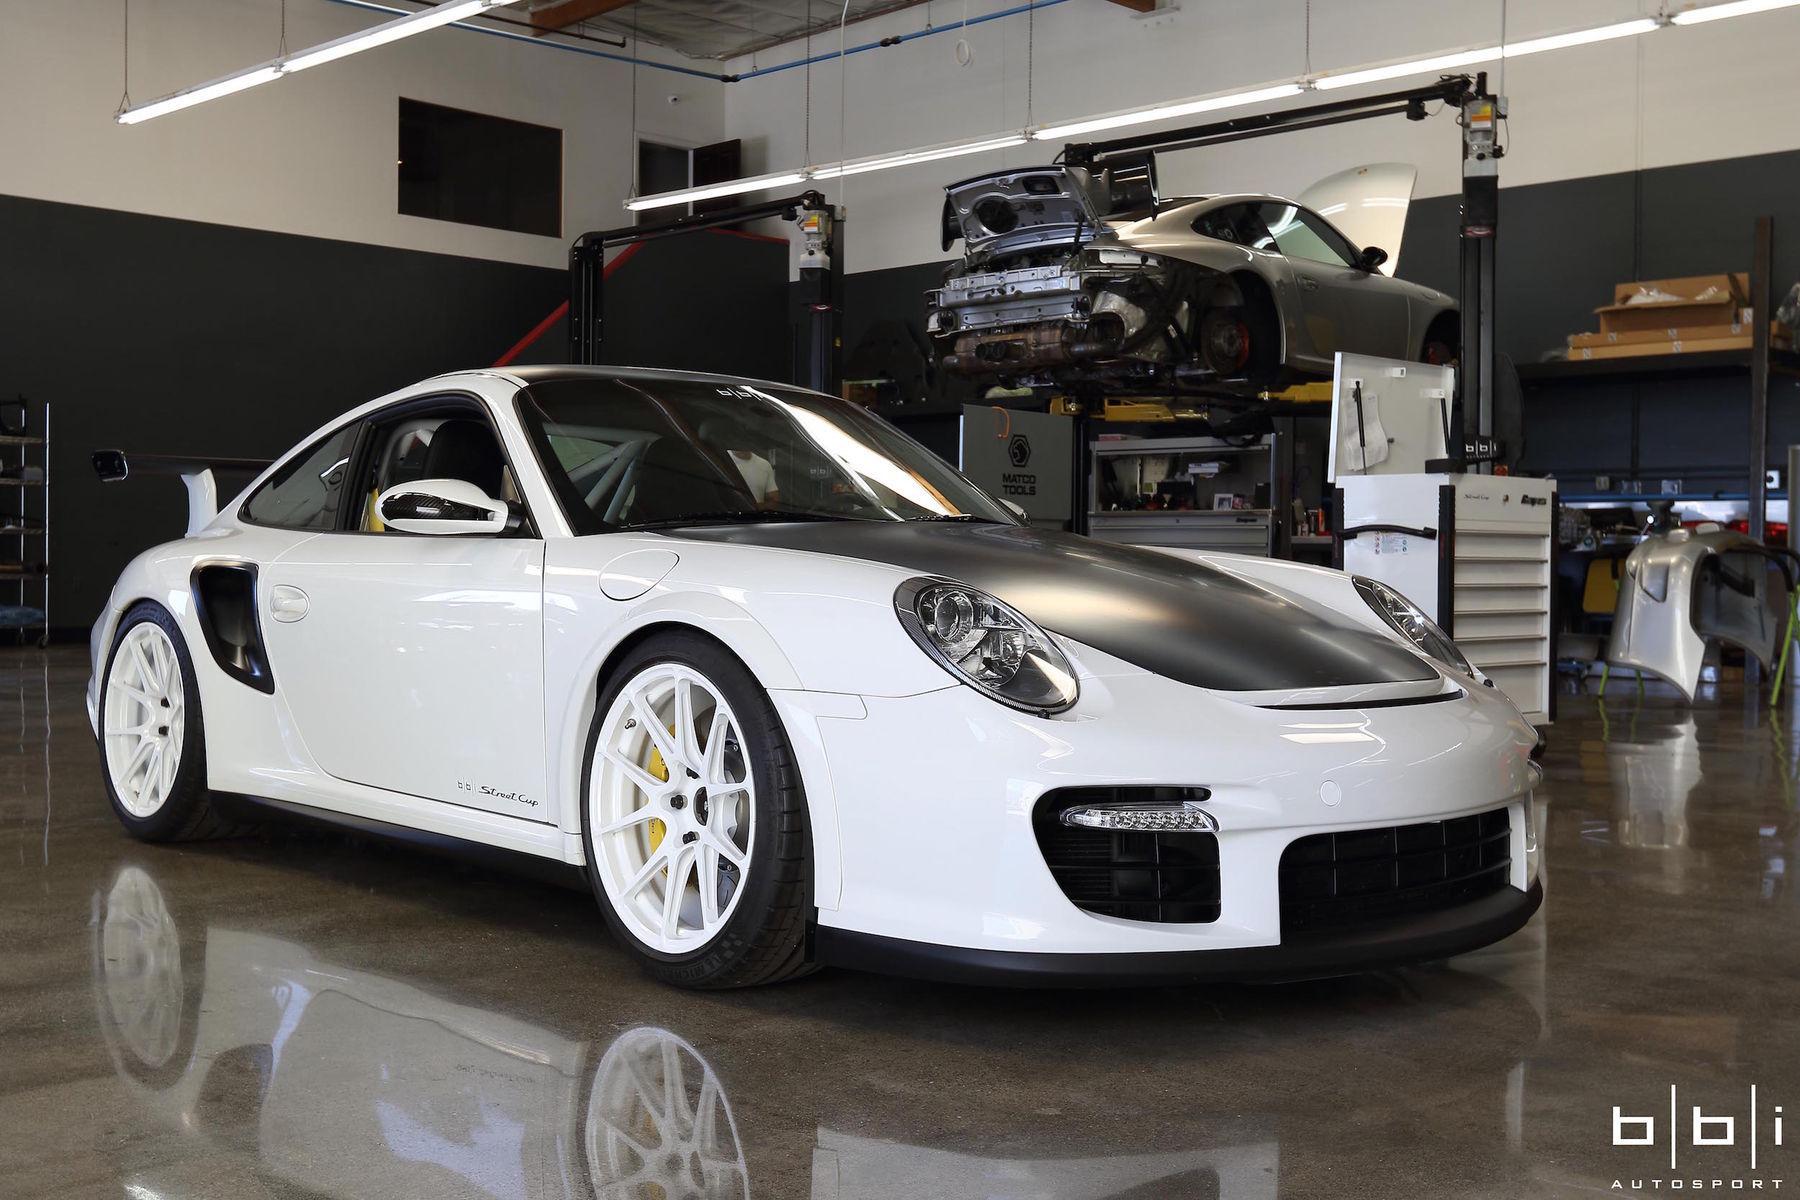 2008 Porsche 997 | BBi Autosport's